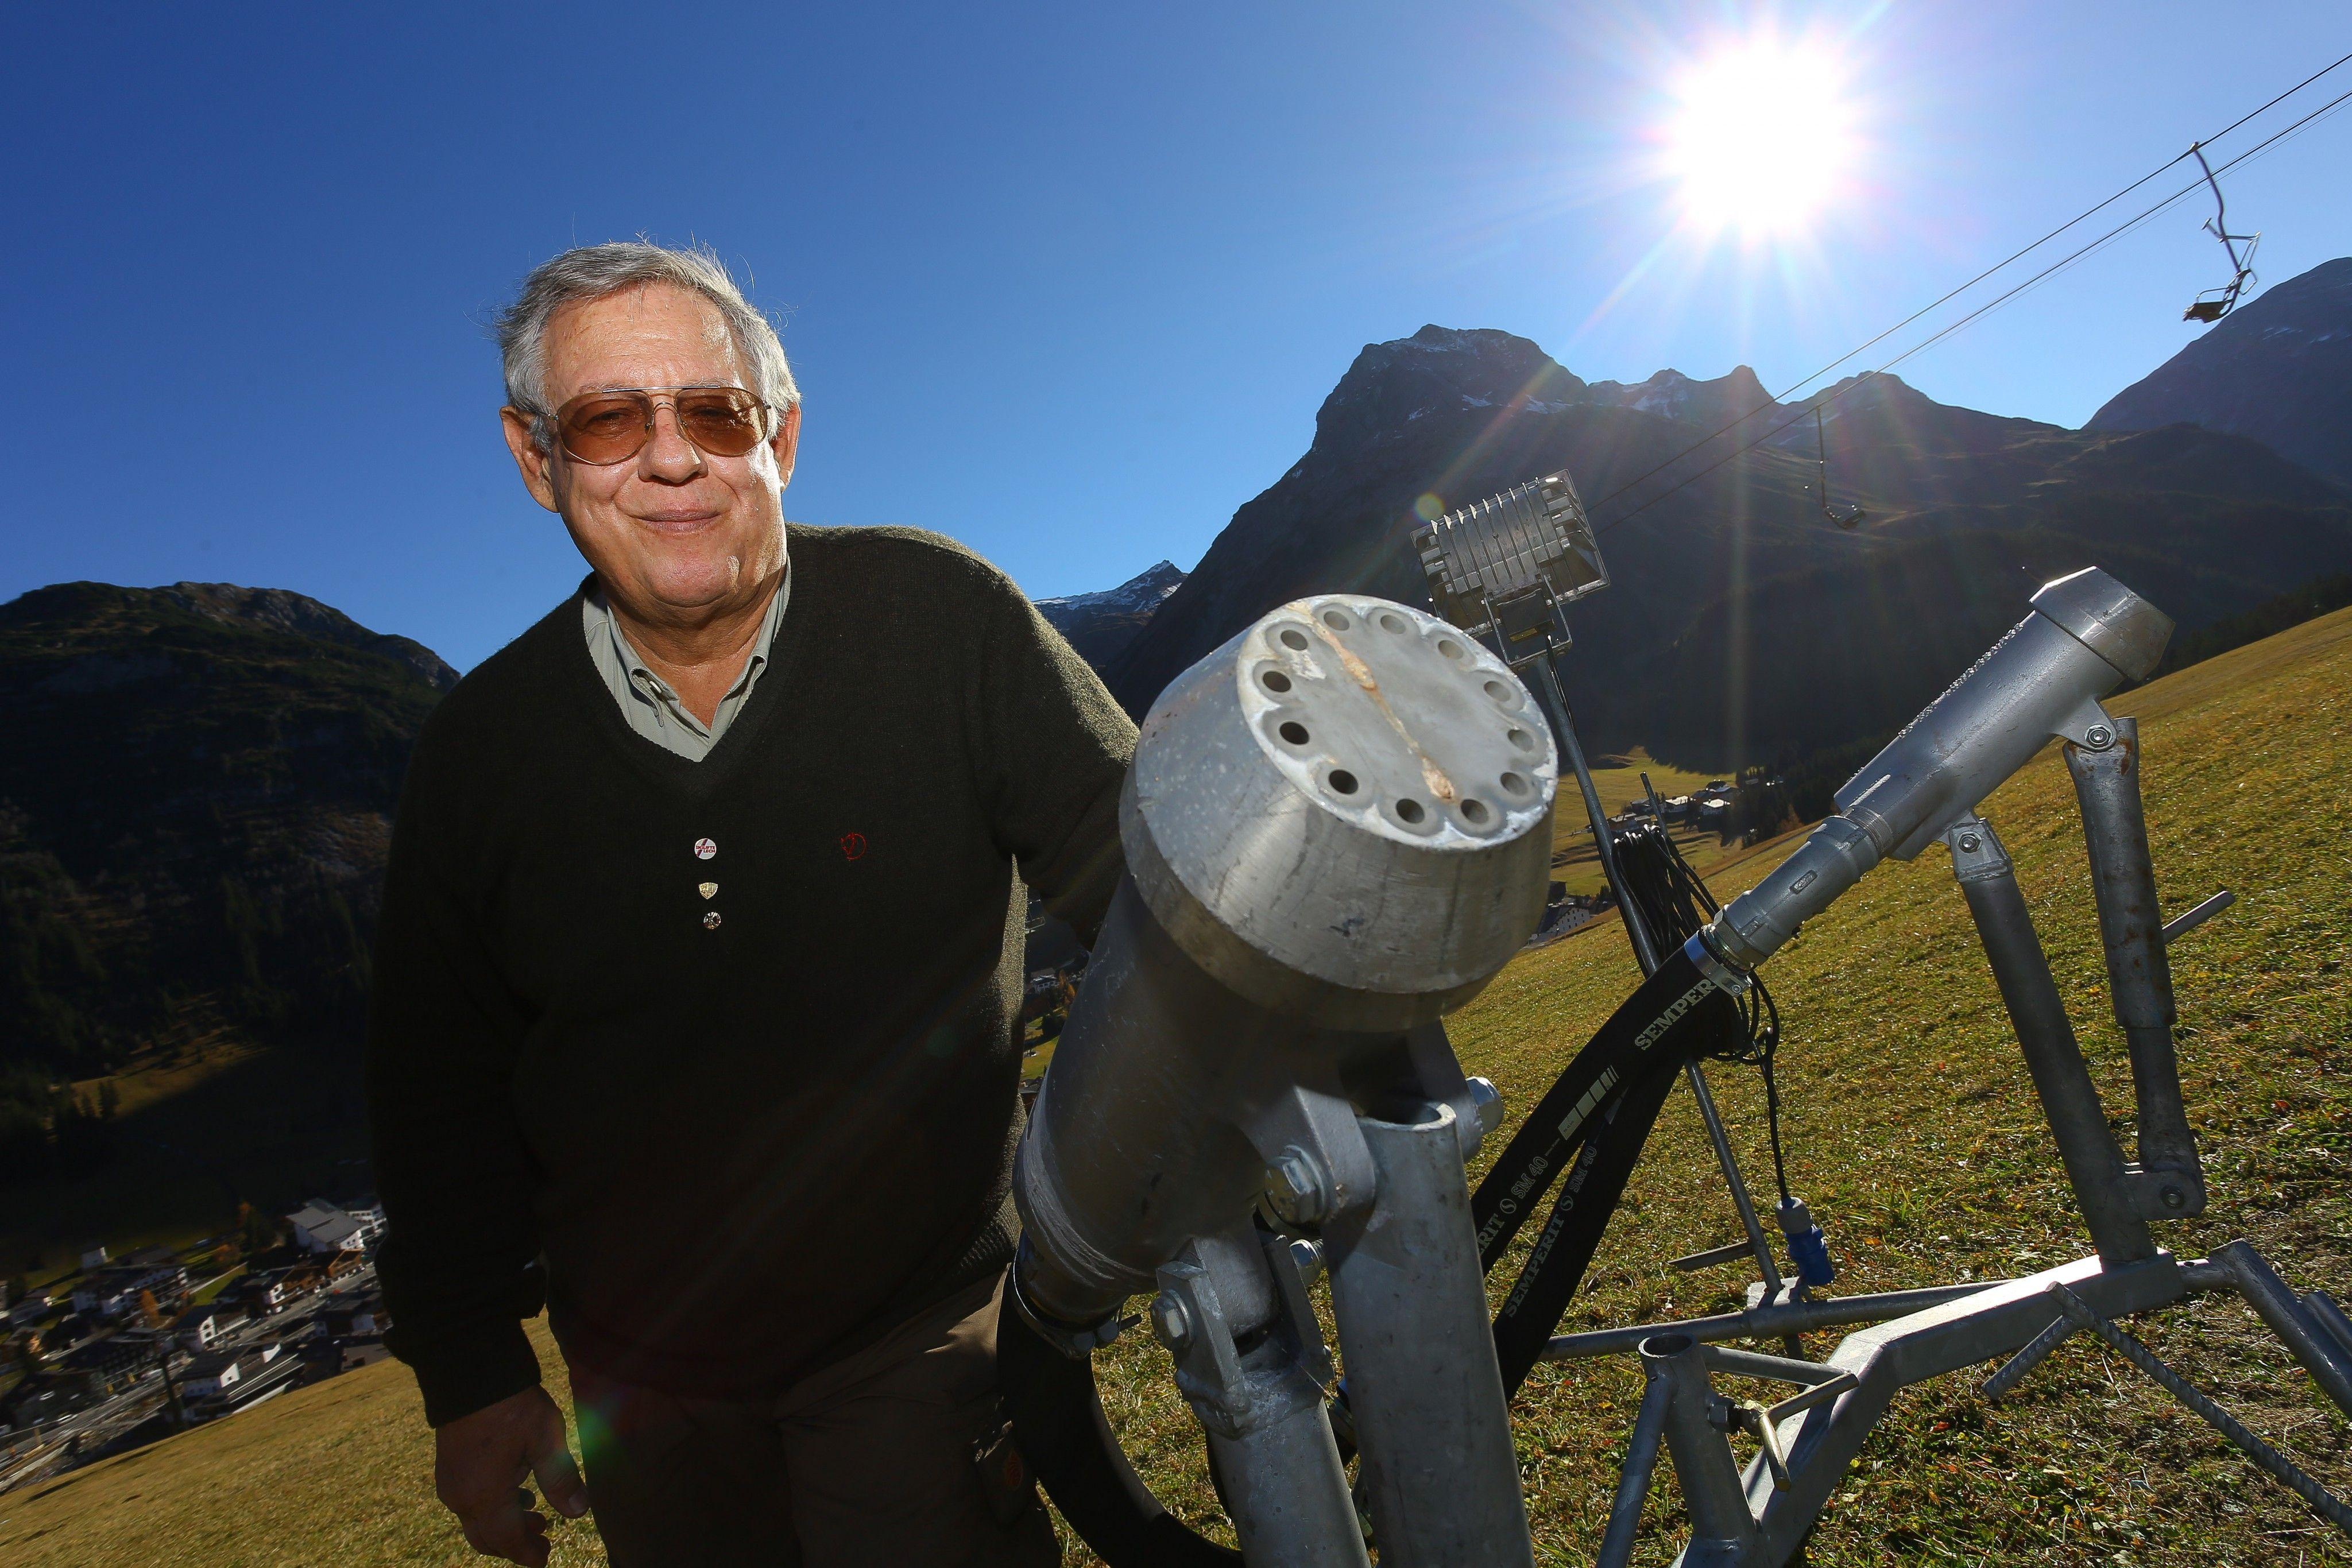 Vorarlberg: Schneeproduktion als Ausfallversicherung